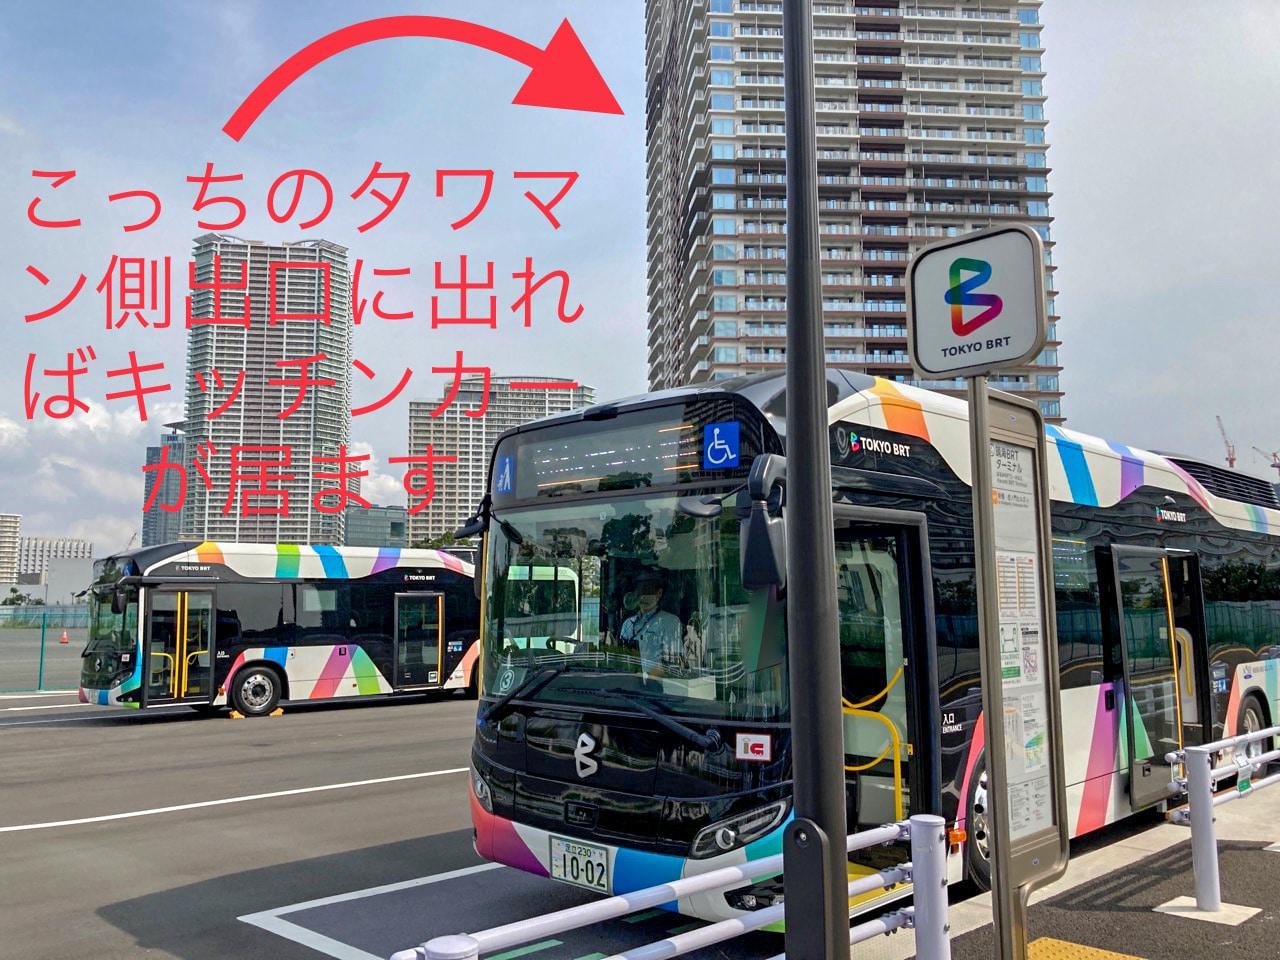 BRT晴海南出口